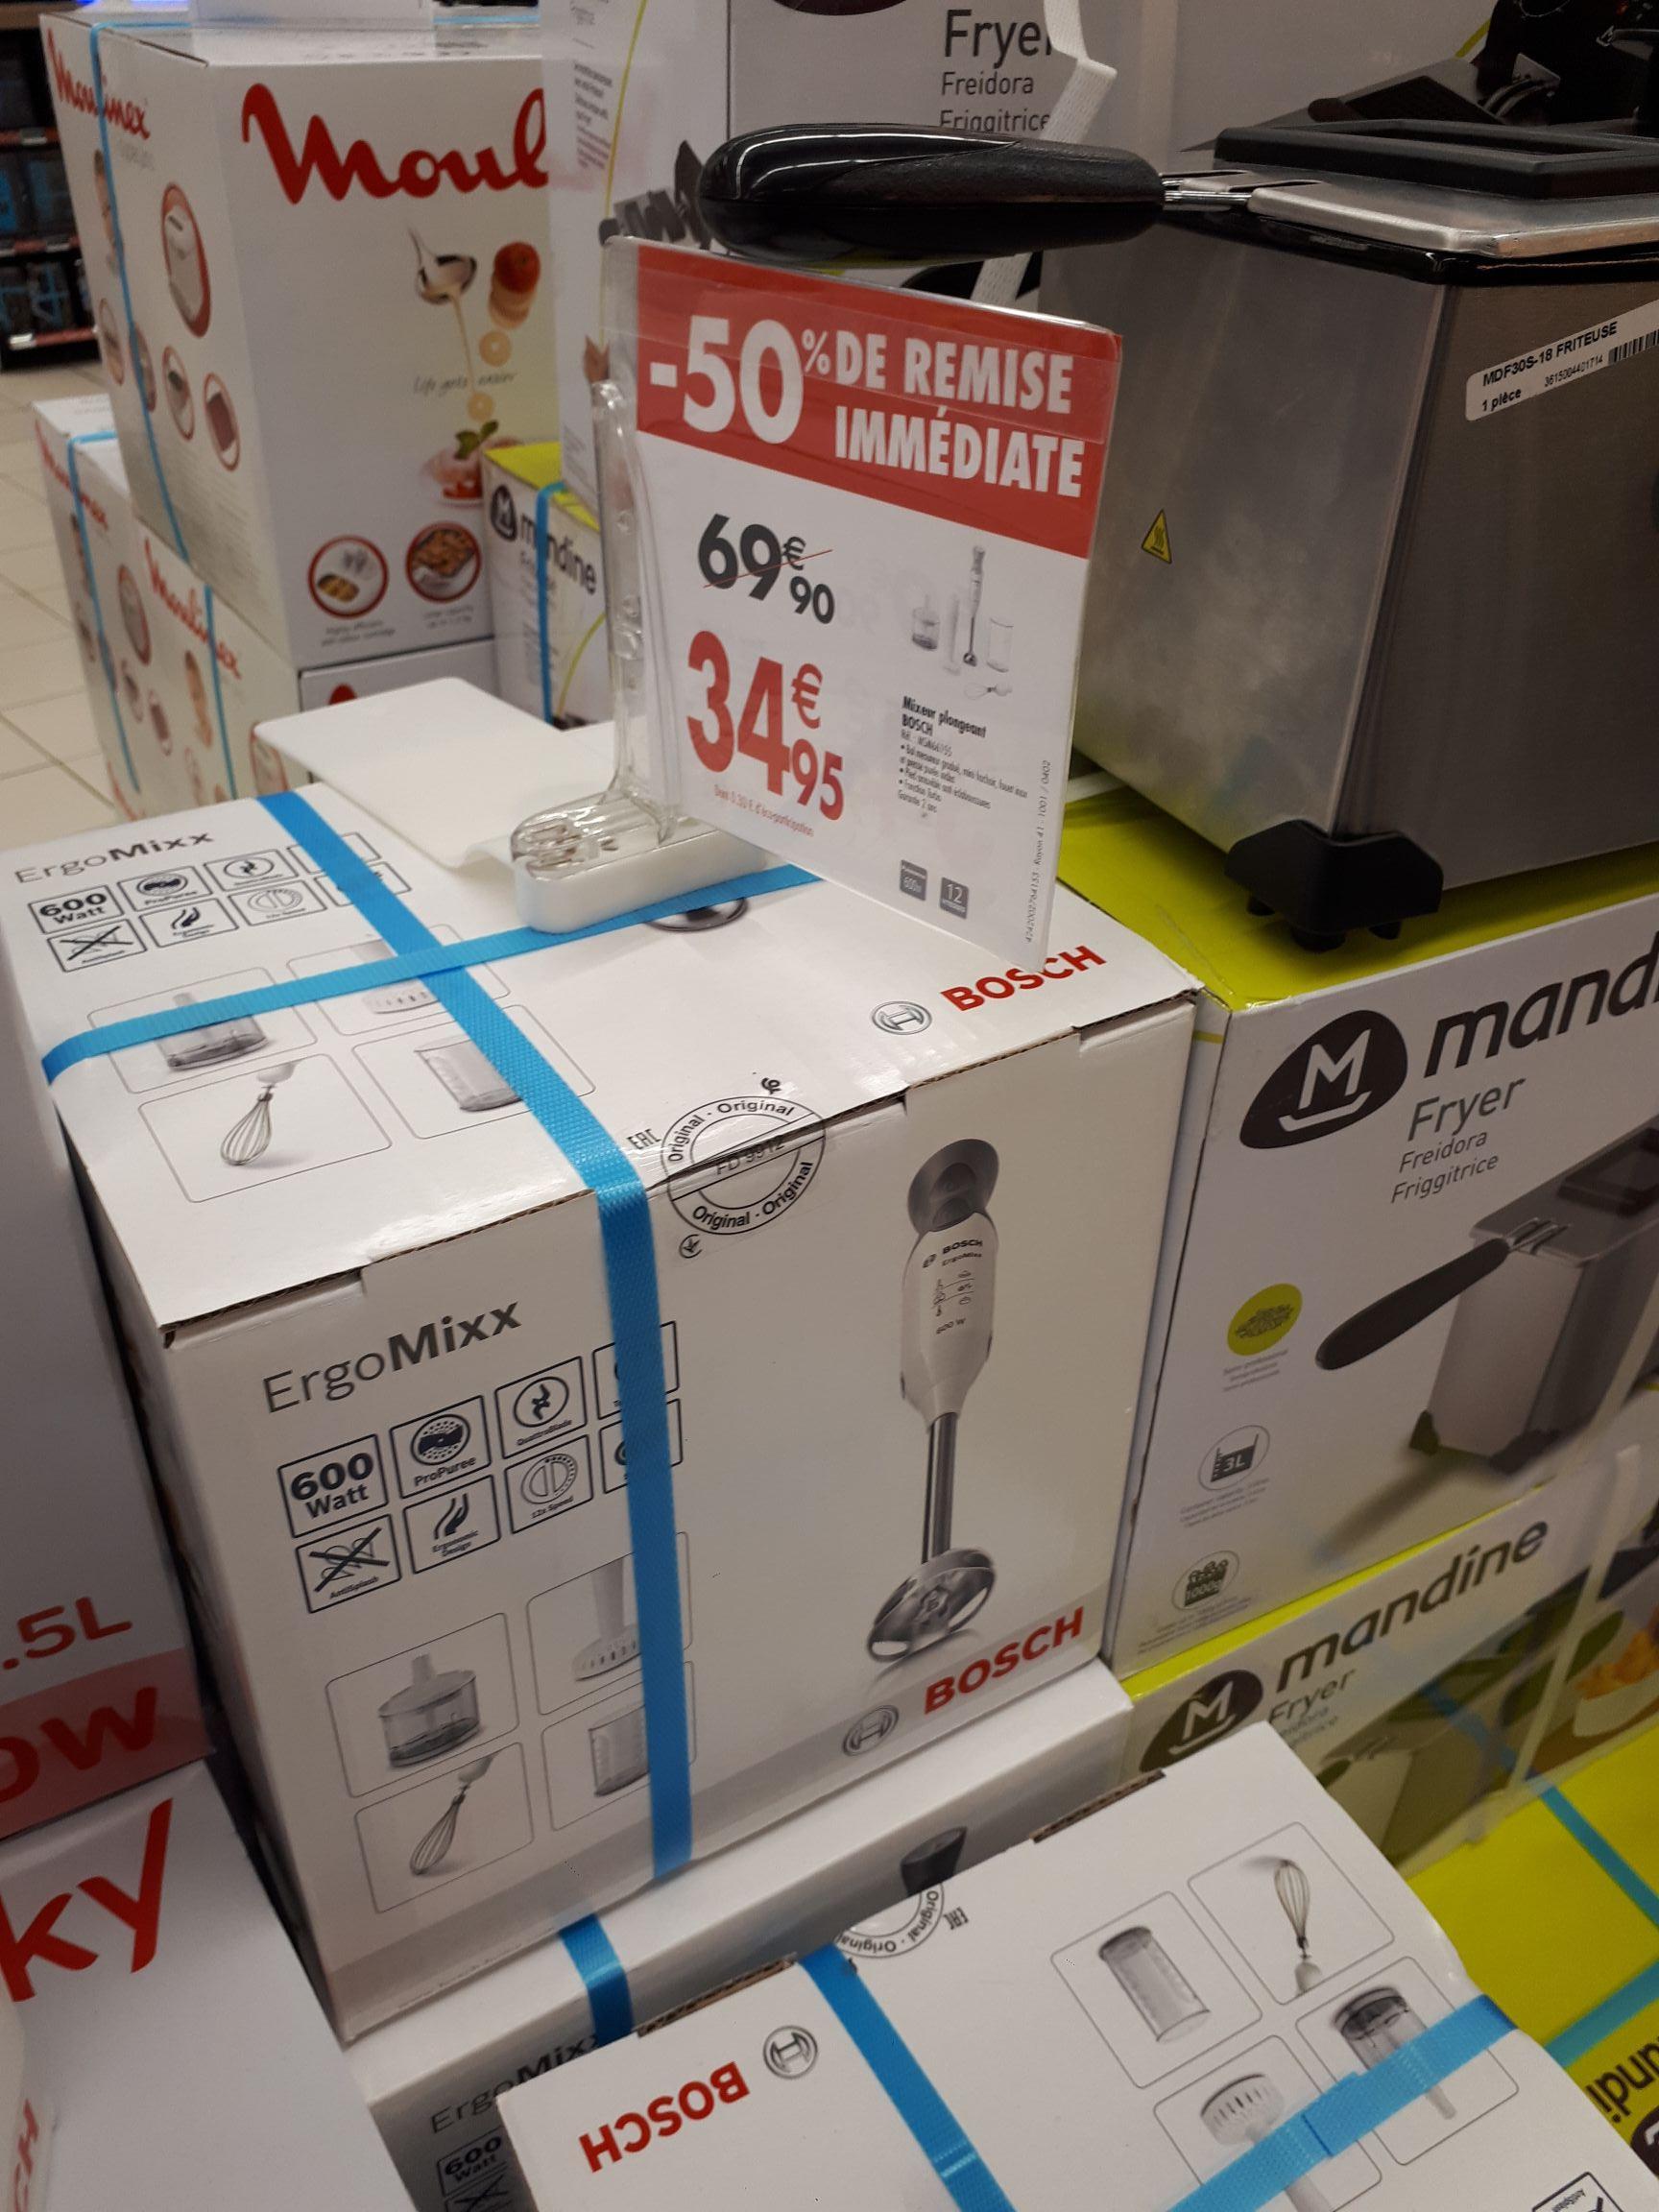 Mixeur plongeant Bosch Ergomixx MSM66155 - 600W, régulateur de vitesse, fonctions fouet, hachoir, purée (Rennes 35)